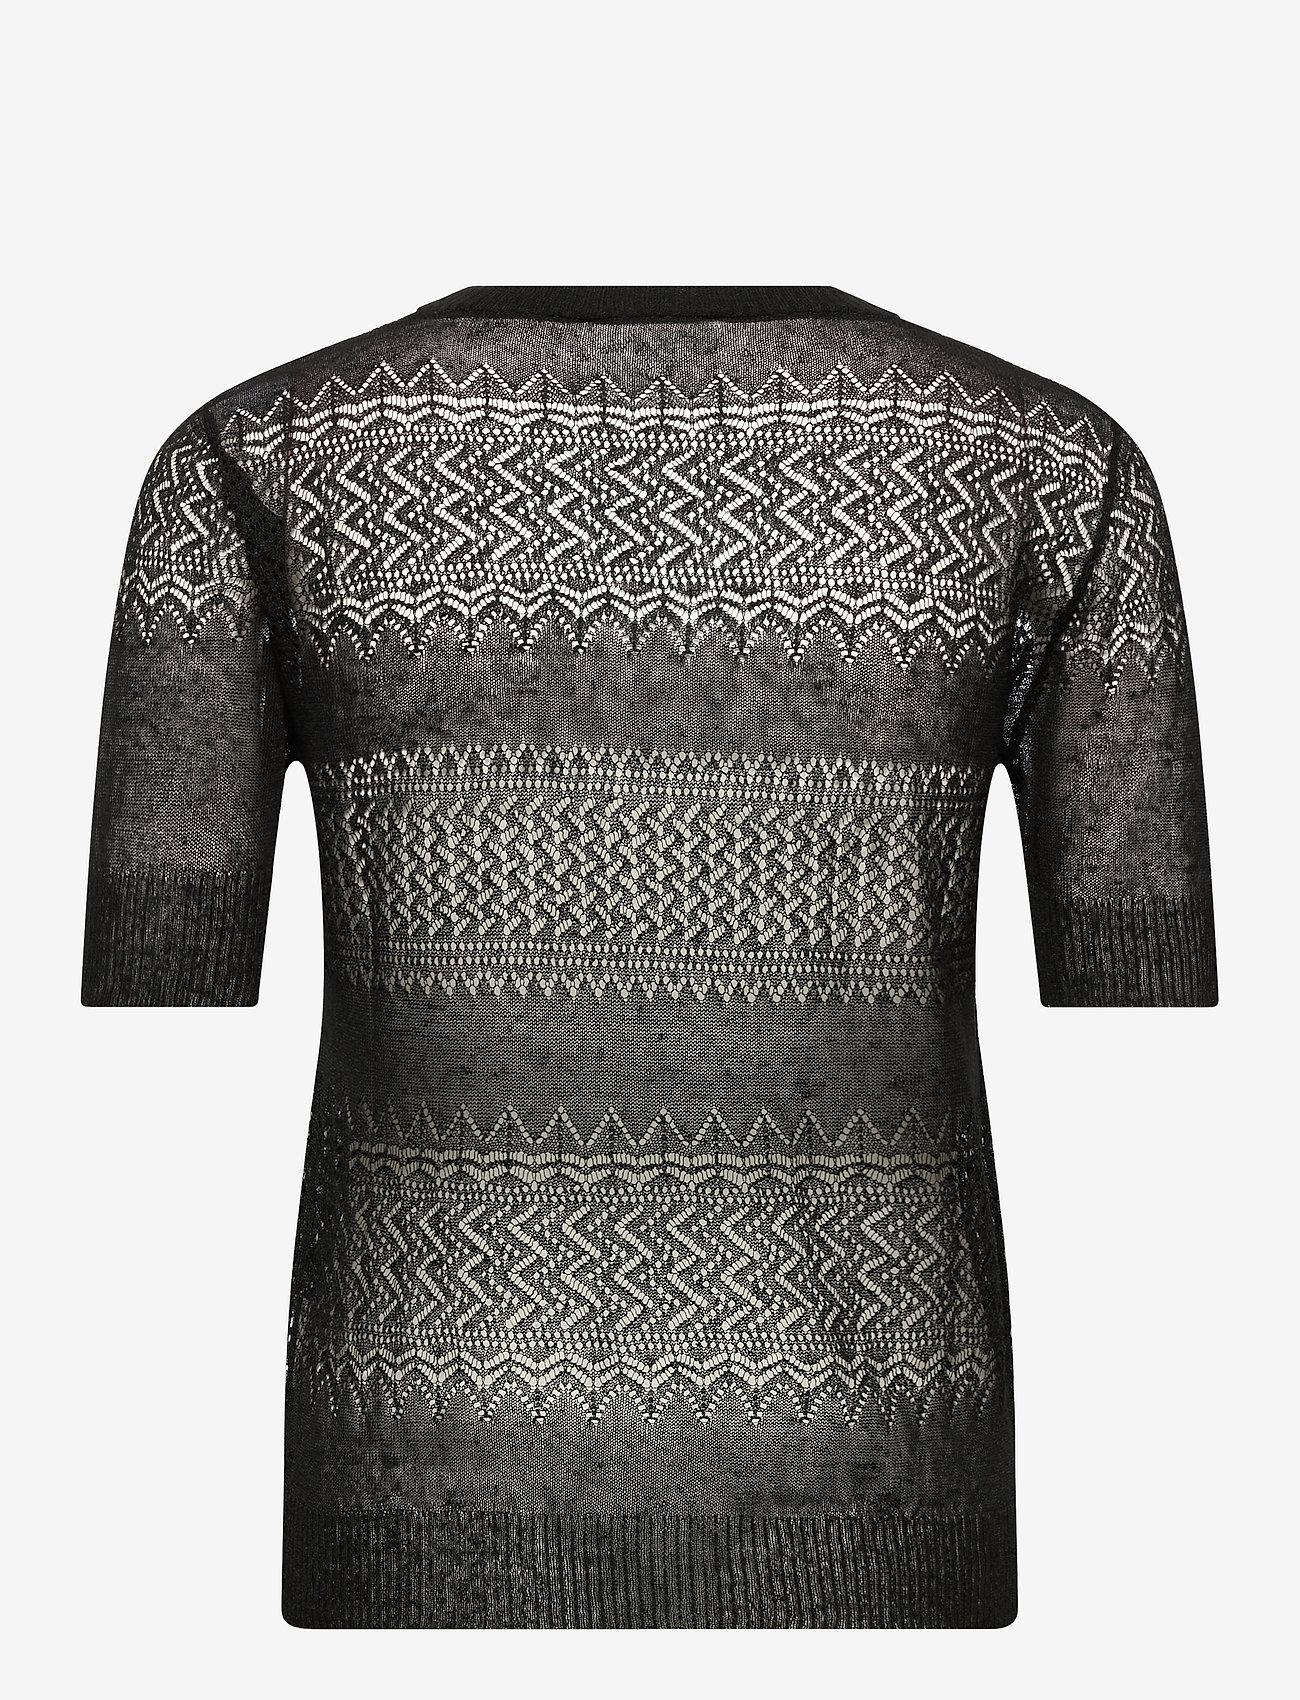 Noa Noa - Pullover - blouses med korte mouwen - black - 1